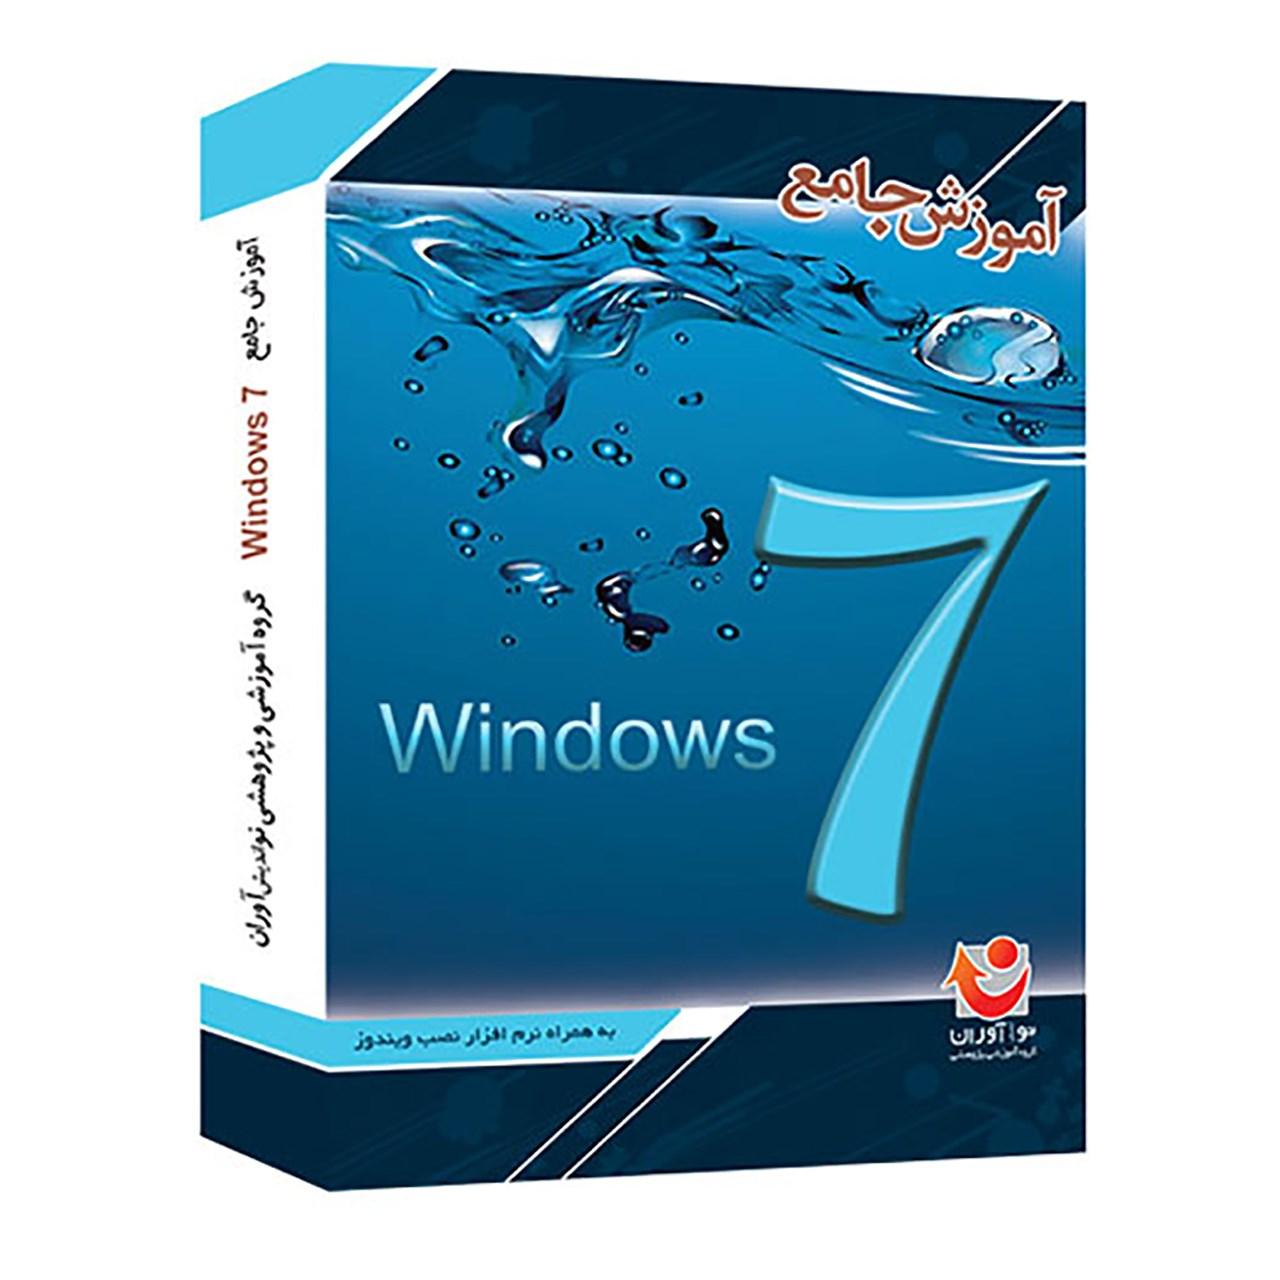 آموزش نرم افزار جامع Windows 7 نشر نوآوران